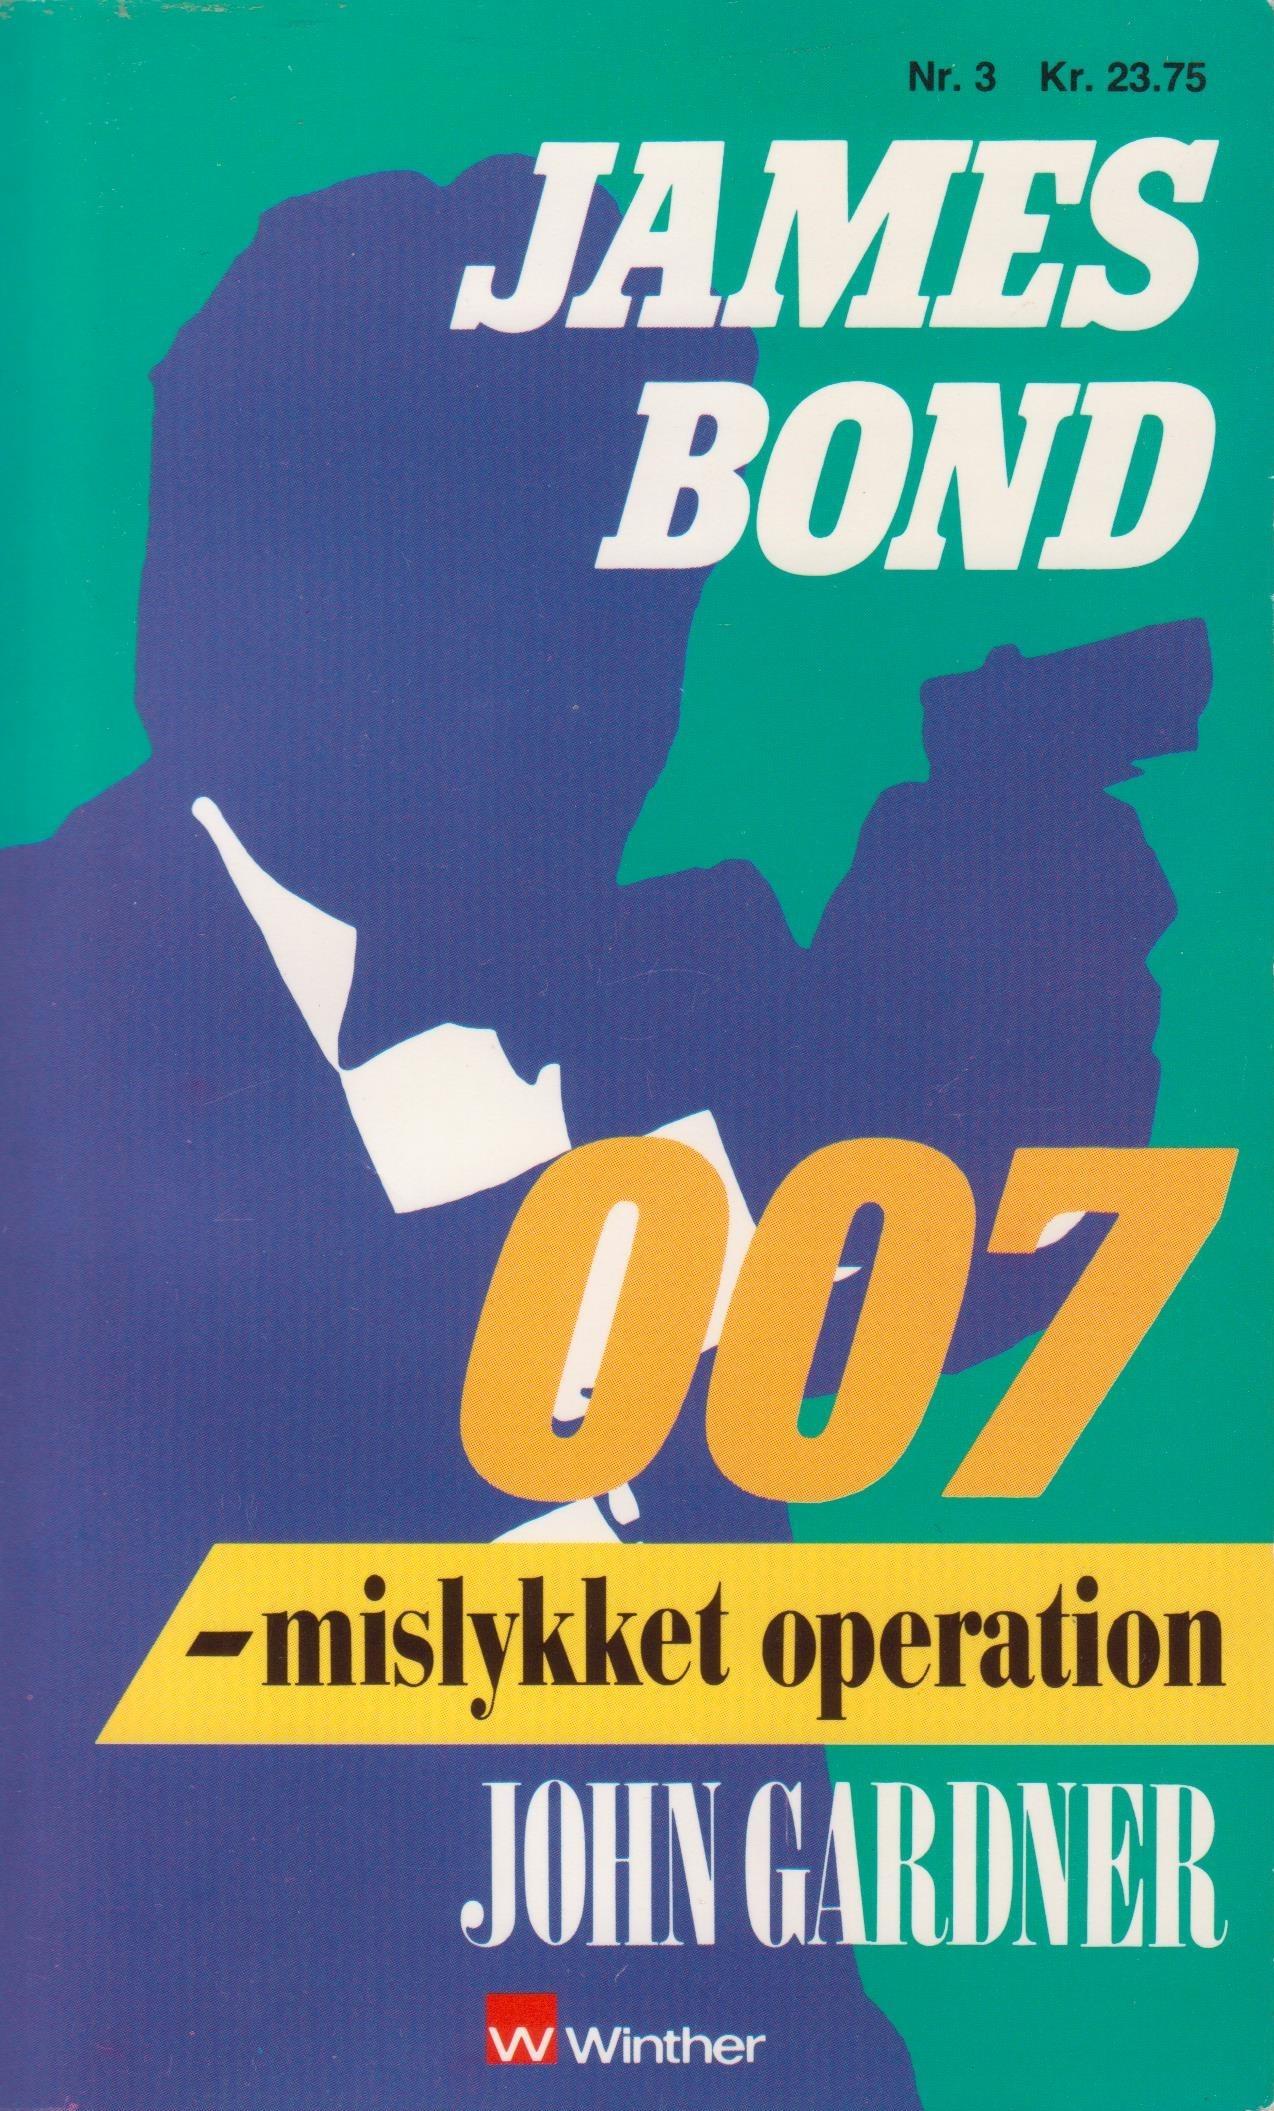 John Gardner Mislykket operation dk 1990 front